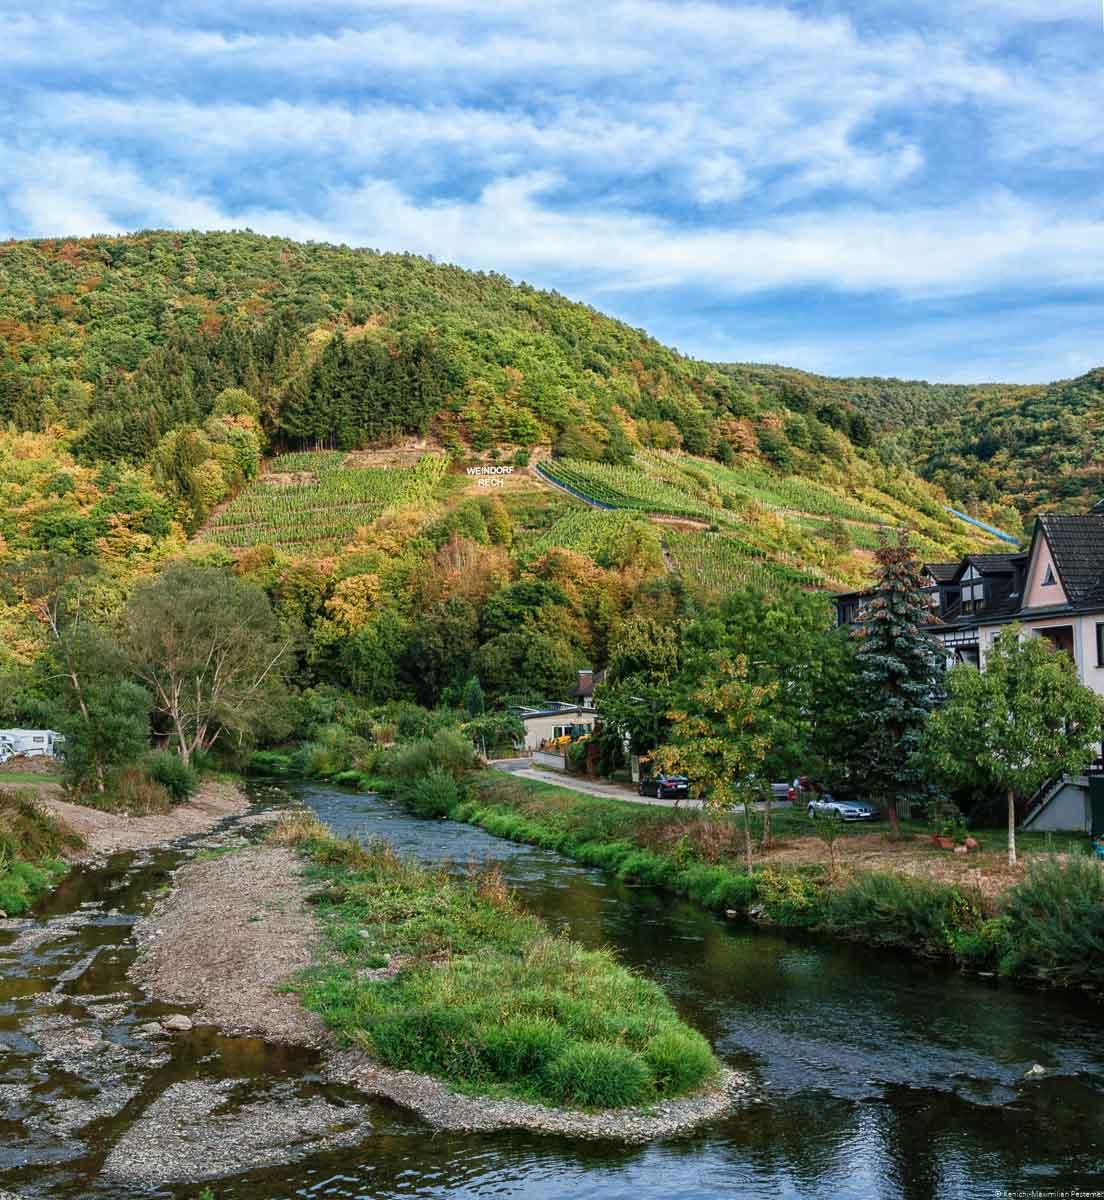 Der Weinberg Recher Hardtberg ist ein alter Weinberg nahe an der Ahr